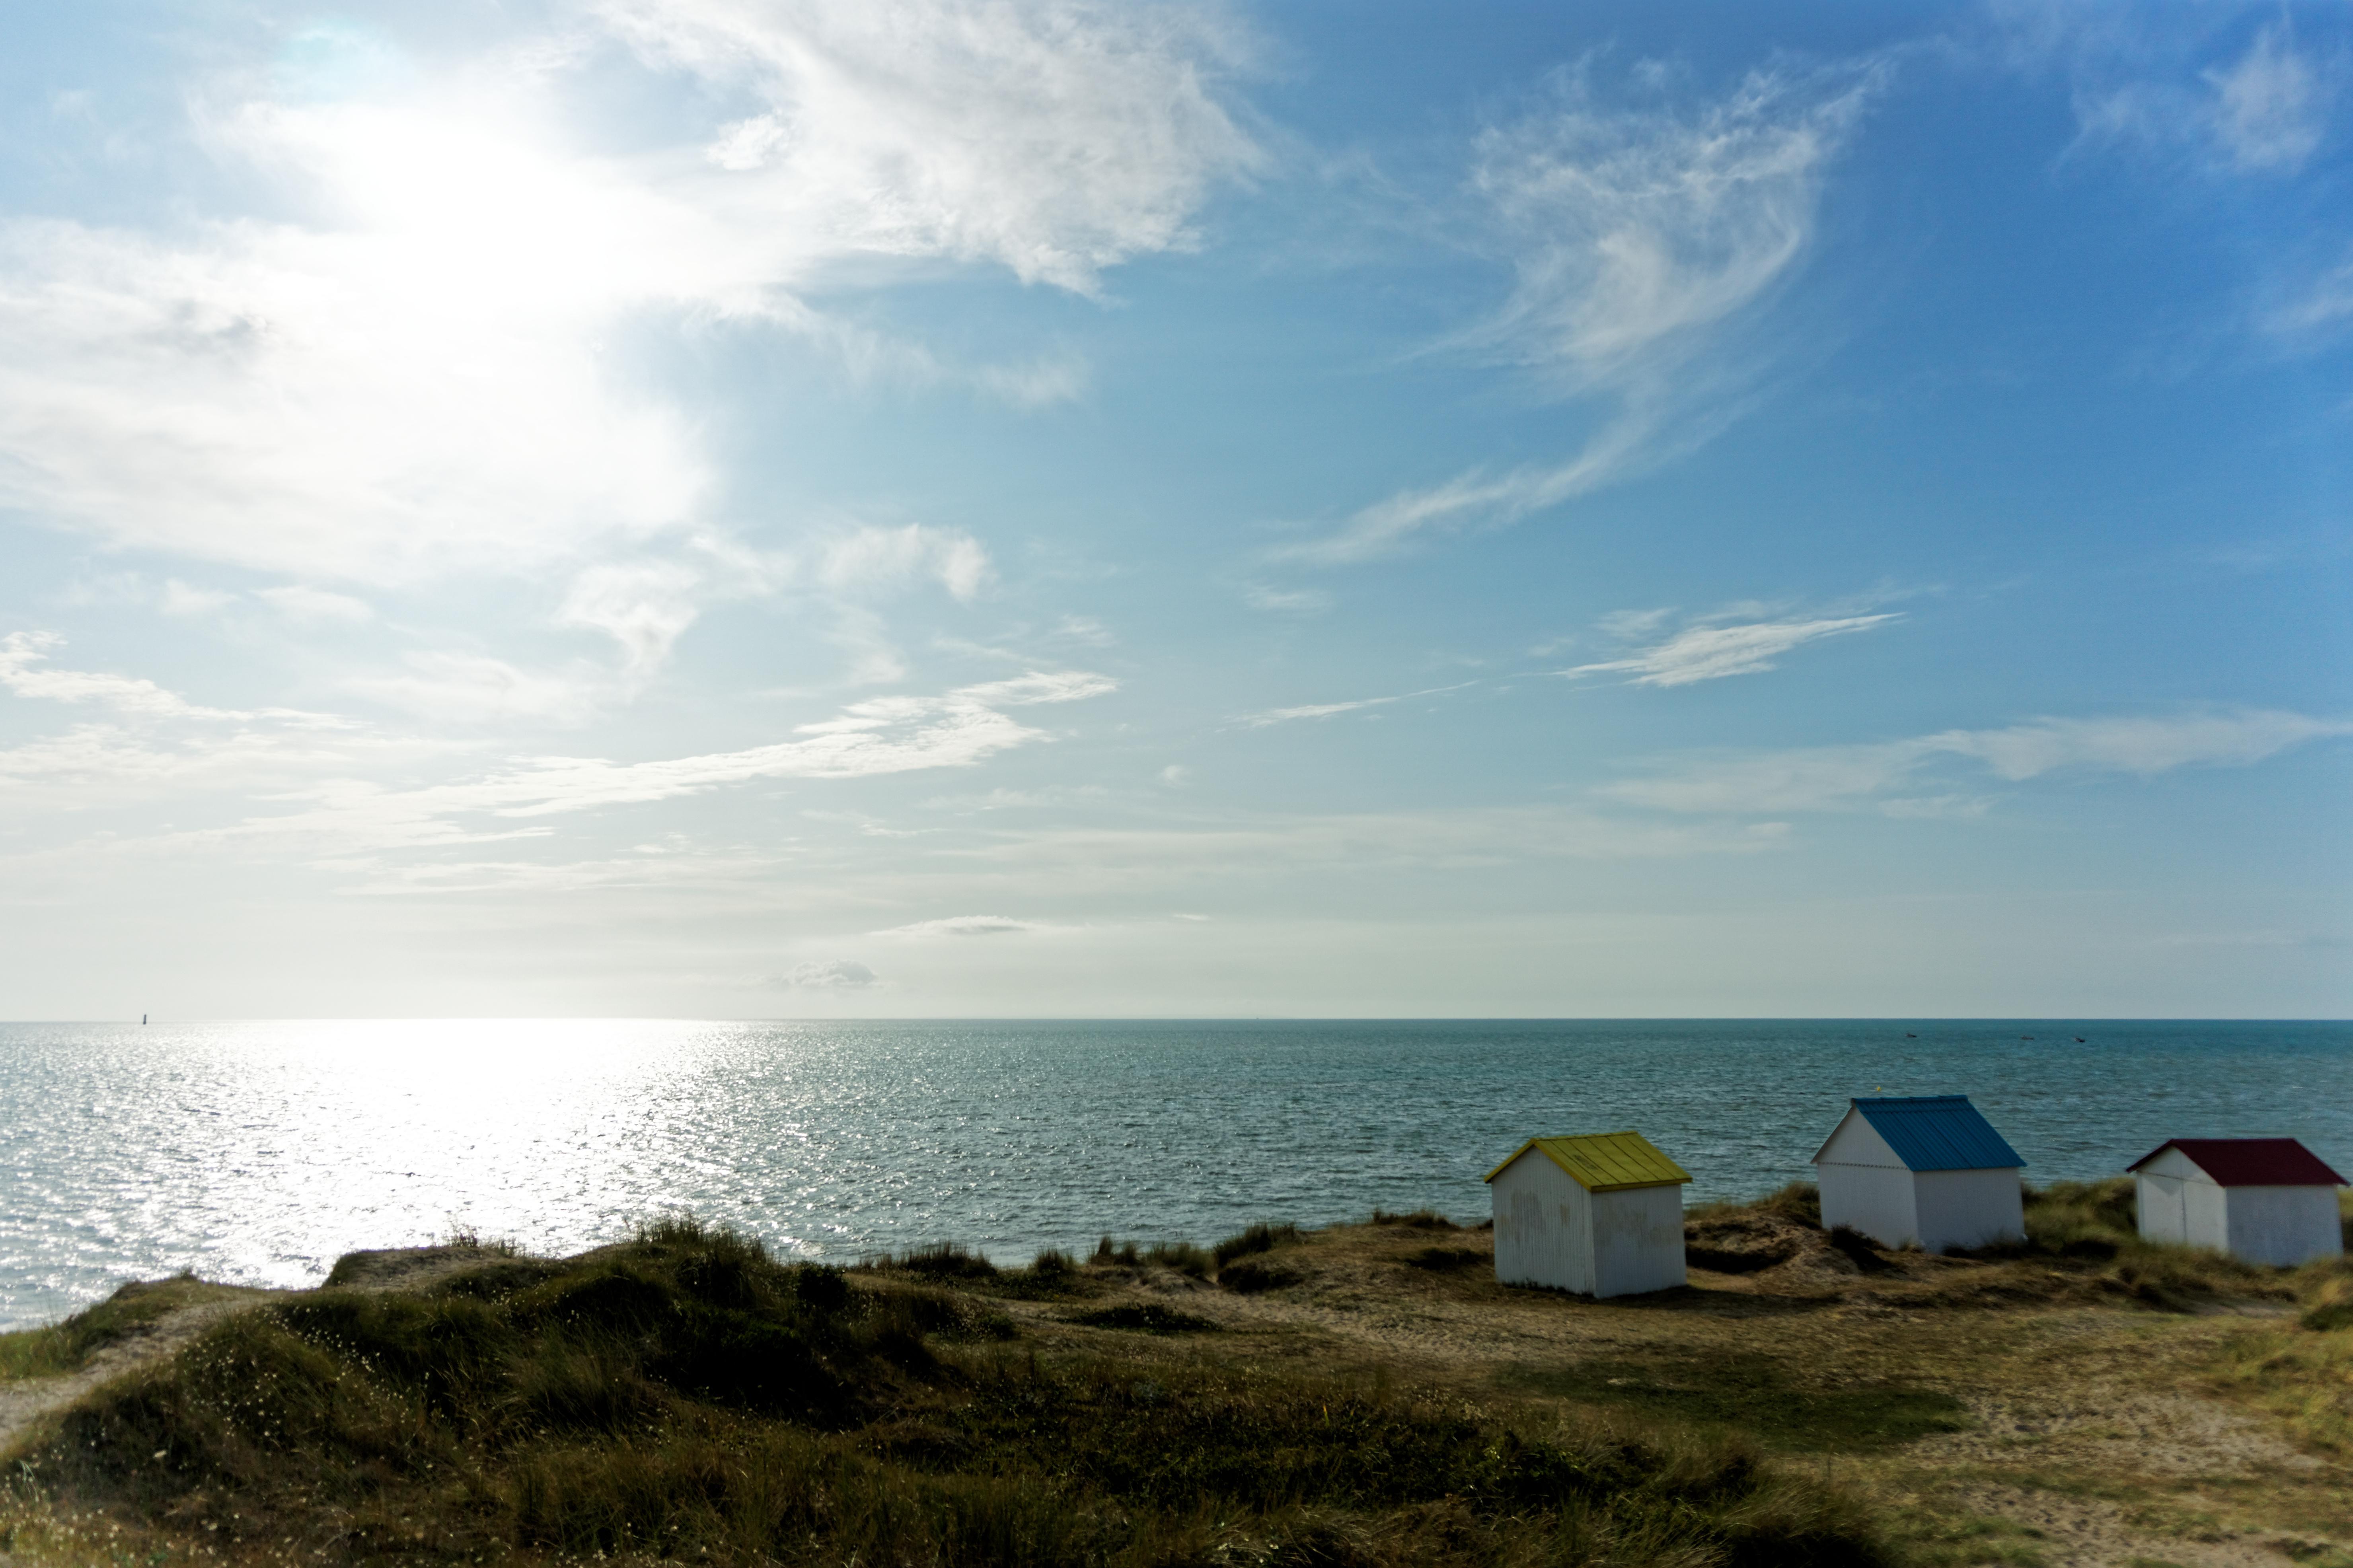 les-baraques-colores-cabines-de-plages-de-gouville-sur-mer-road-trip-dans-la-manche